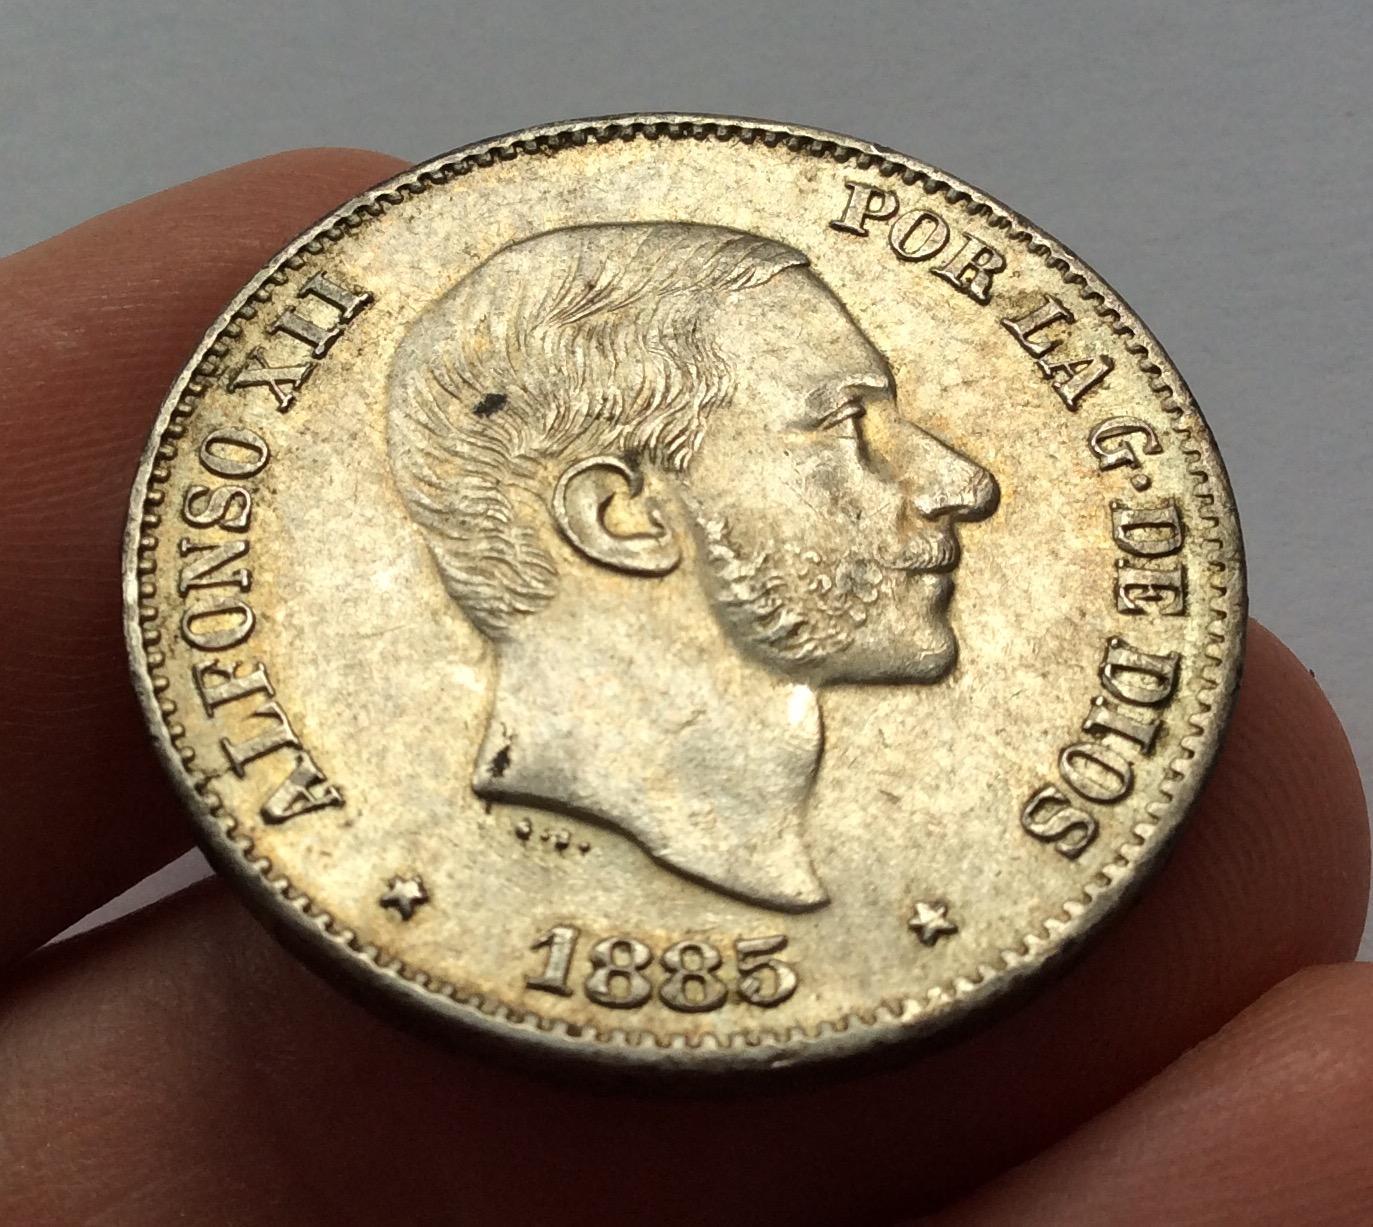 50 CENTAVOS PLATA 1885 - REINADO DE ALFONSO XII EN FILIPINAS - SIN CIRCULAR